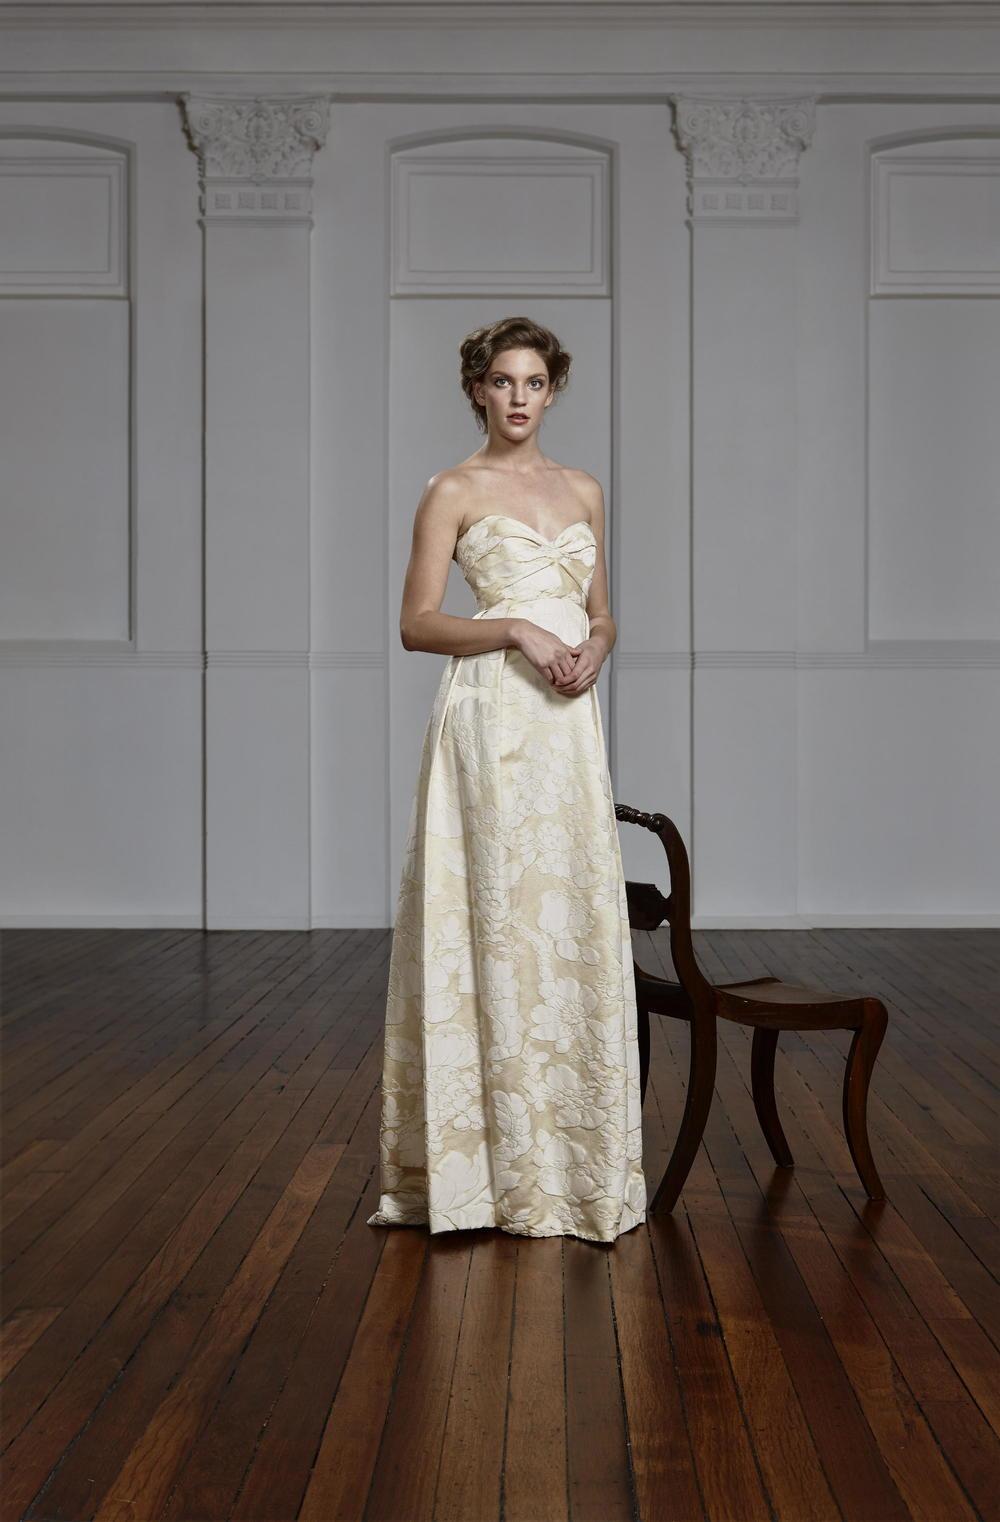 Blossom-bridal design_TanyaAnic©GrantSparkesCarroll_203 a.jpg